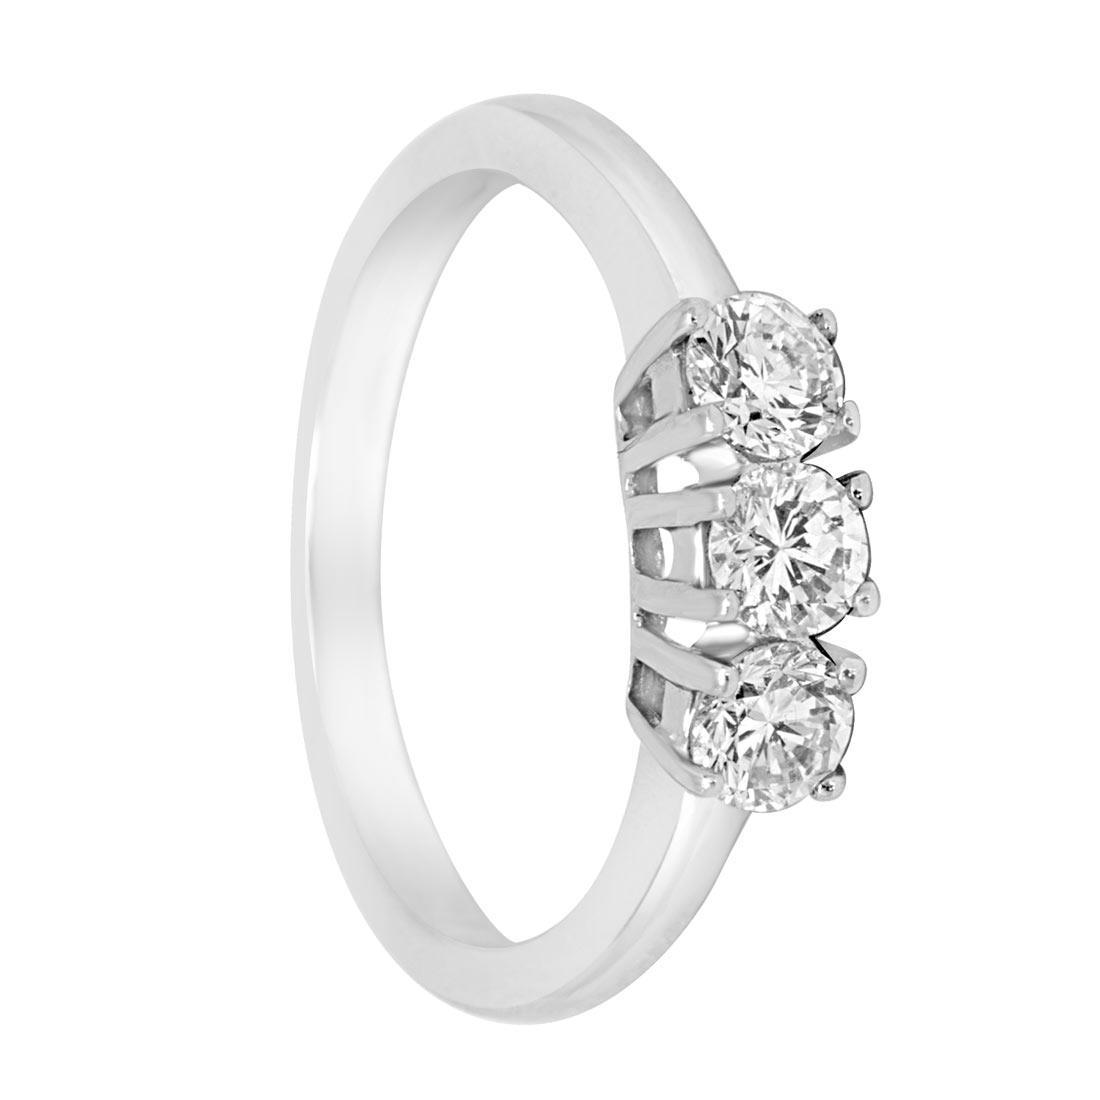 Anello trilogy in oro bianco con diamanti ct 0.61 misura 13 - ORO&CO